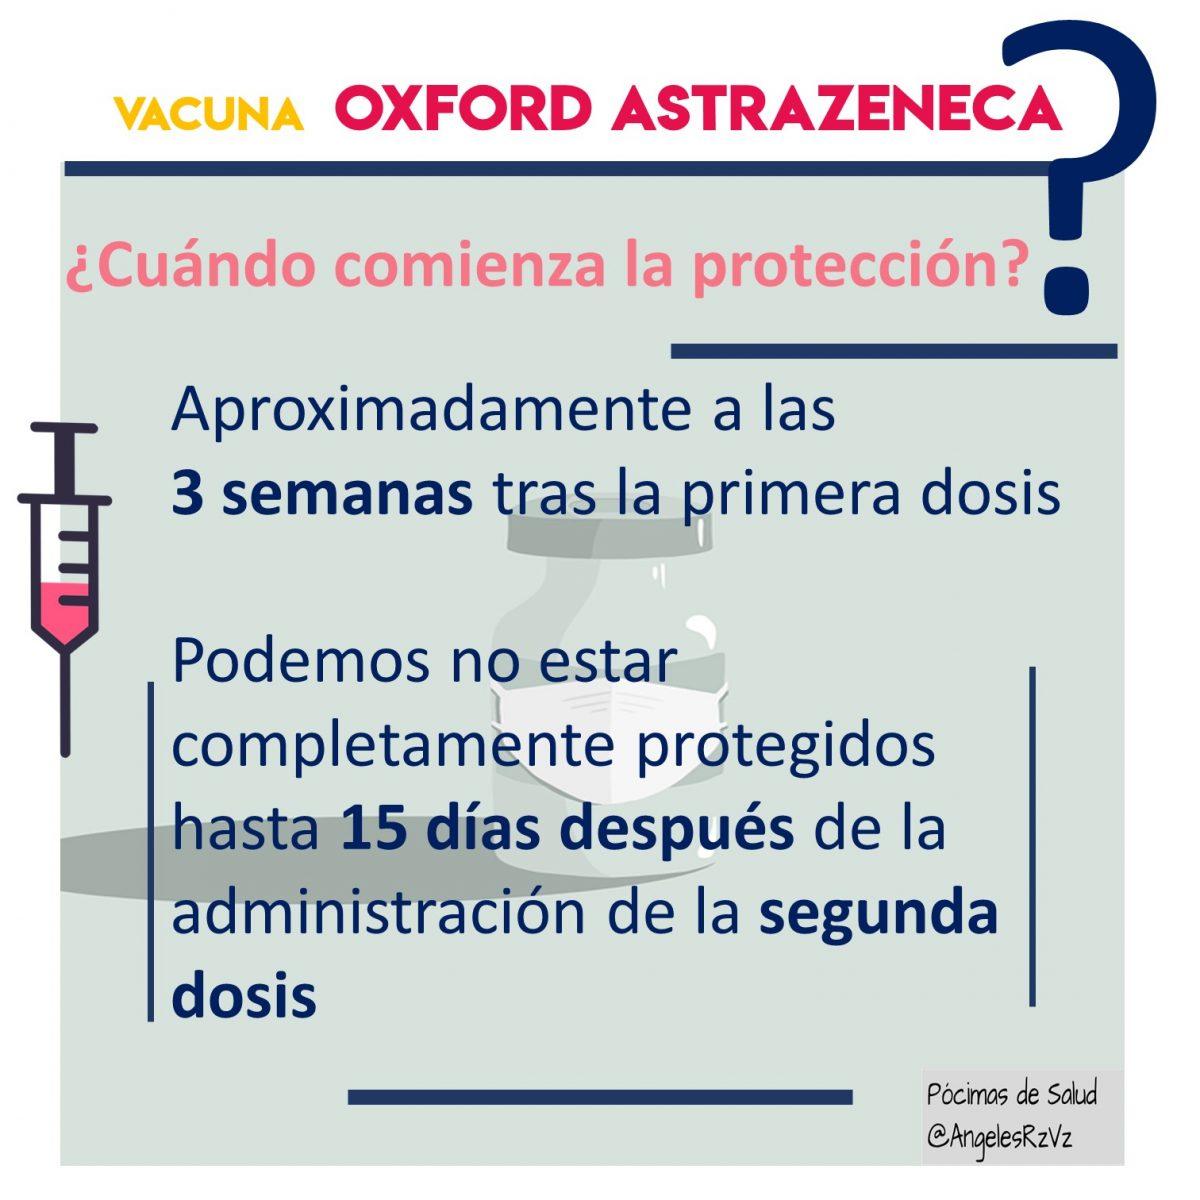 Cuando comienza la protección de la vacuna AstraZeneca